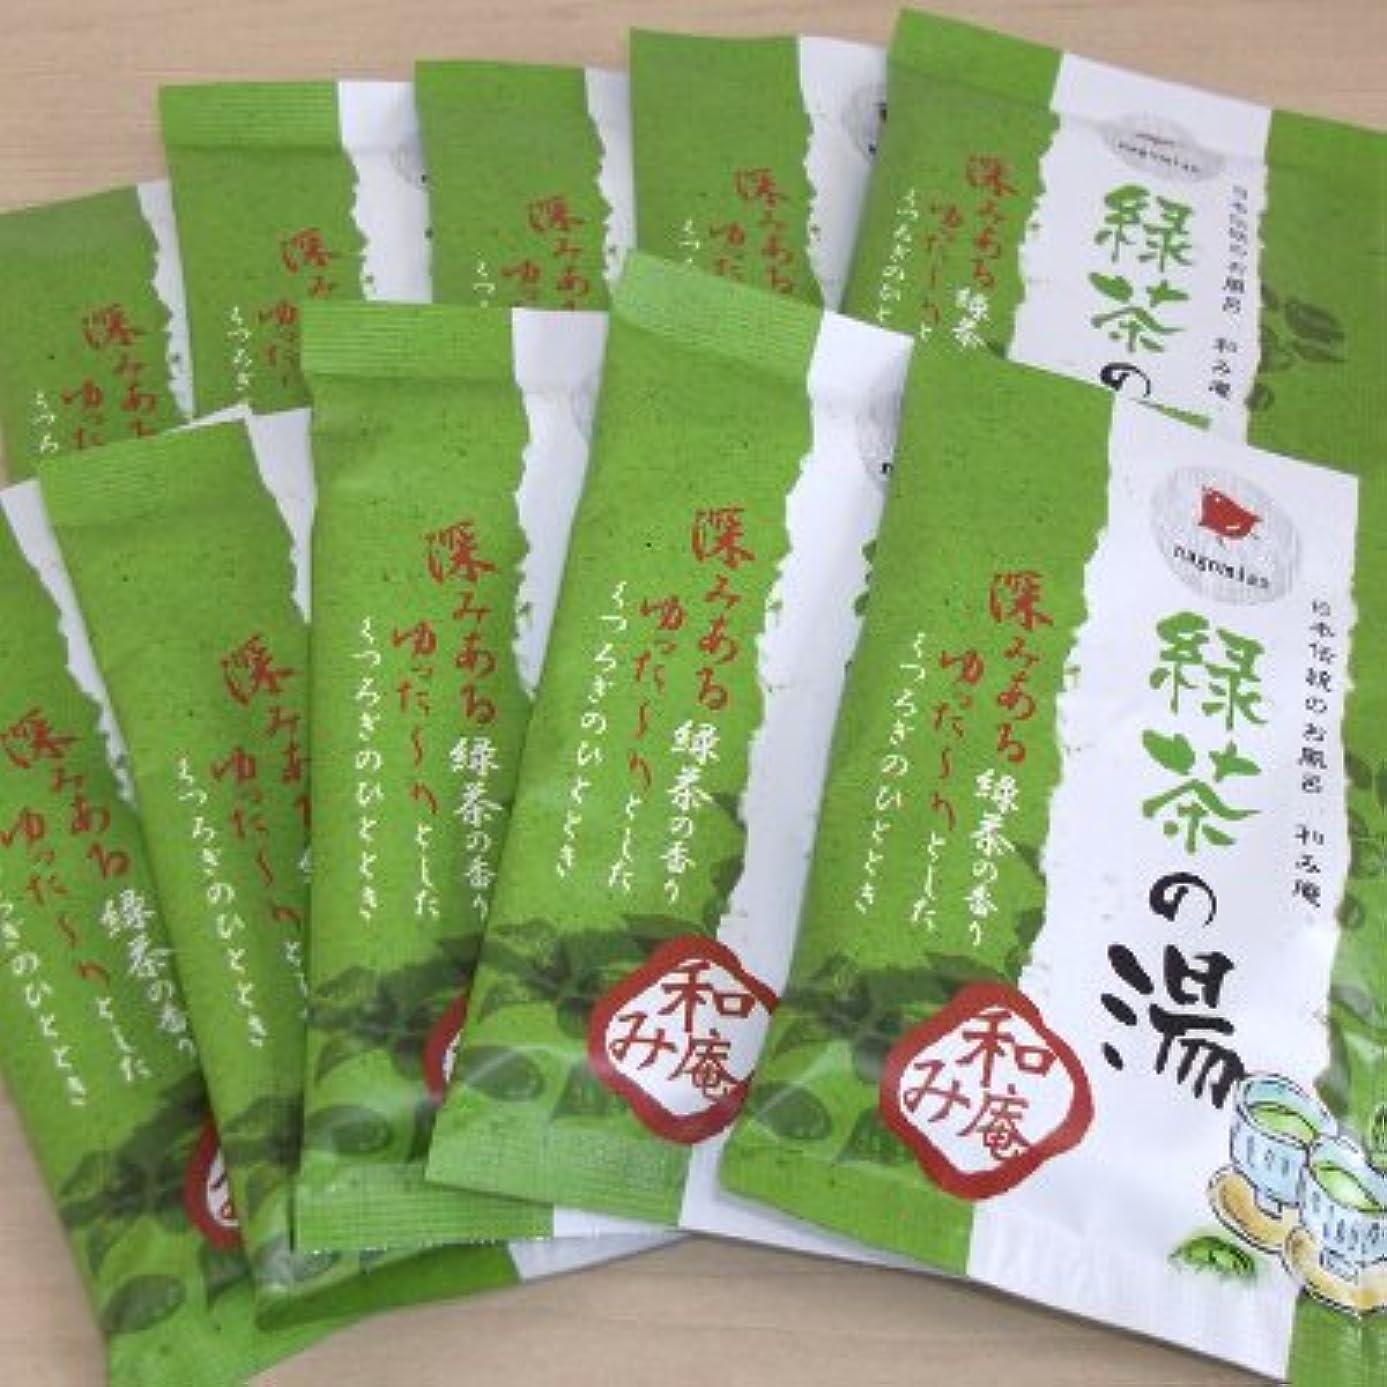 トランク残高化学者和み庵 緑茶の湯 10包セット